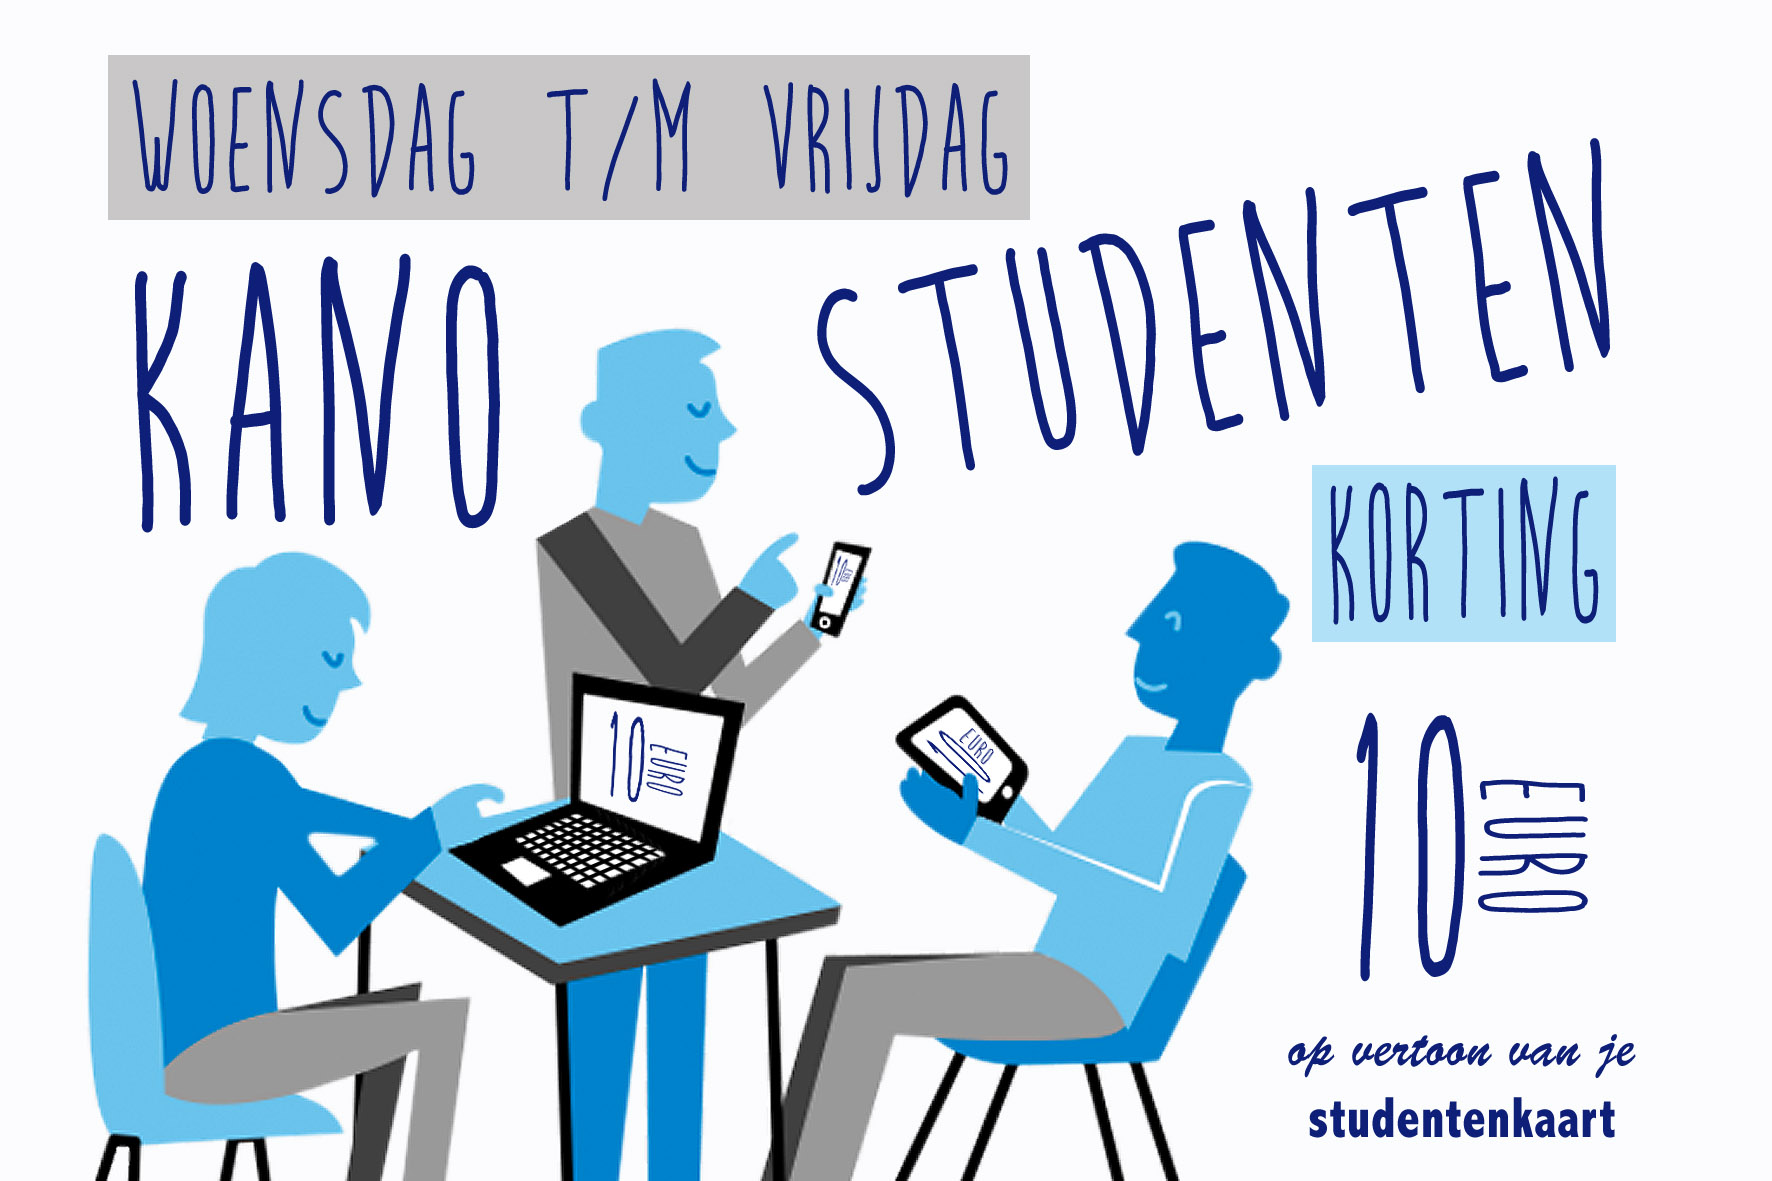 studenten korting 10 euro